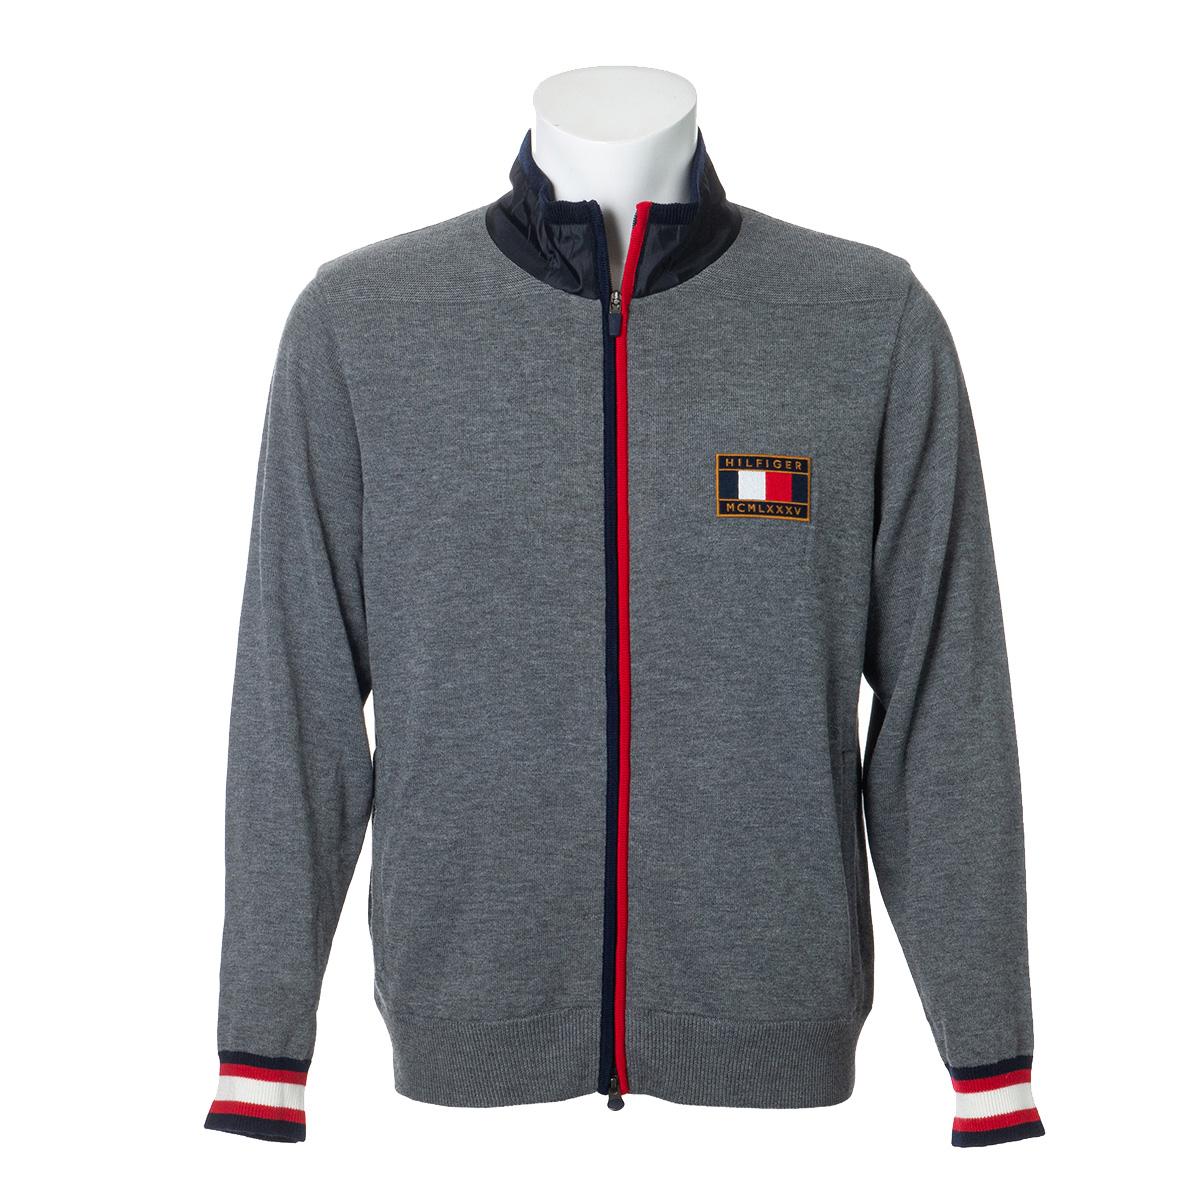 ジップアップラインセーター